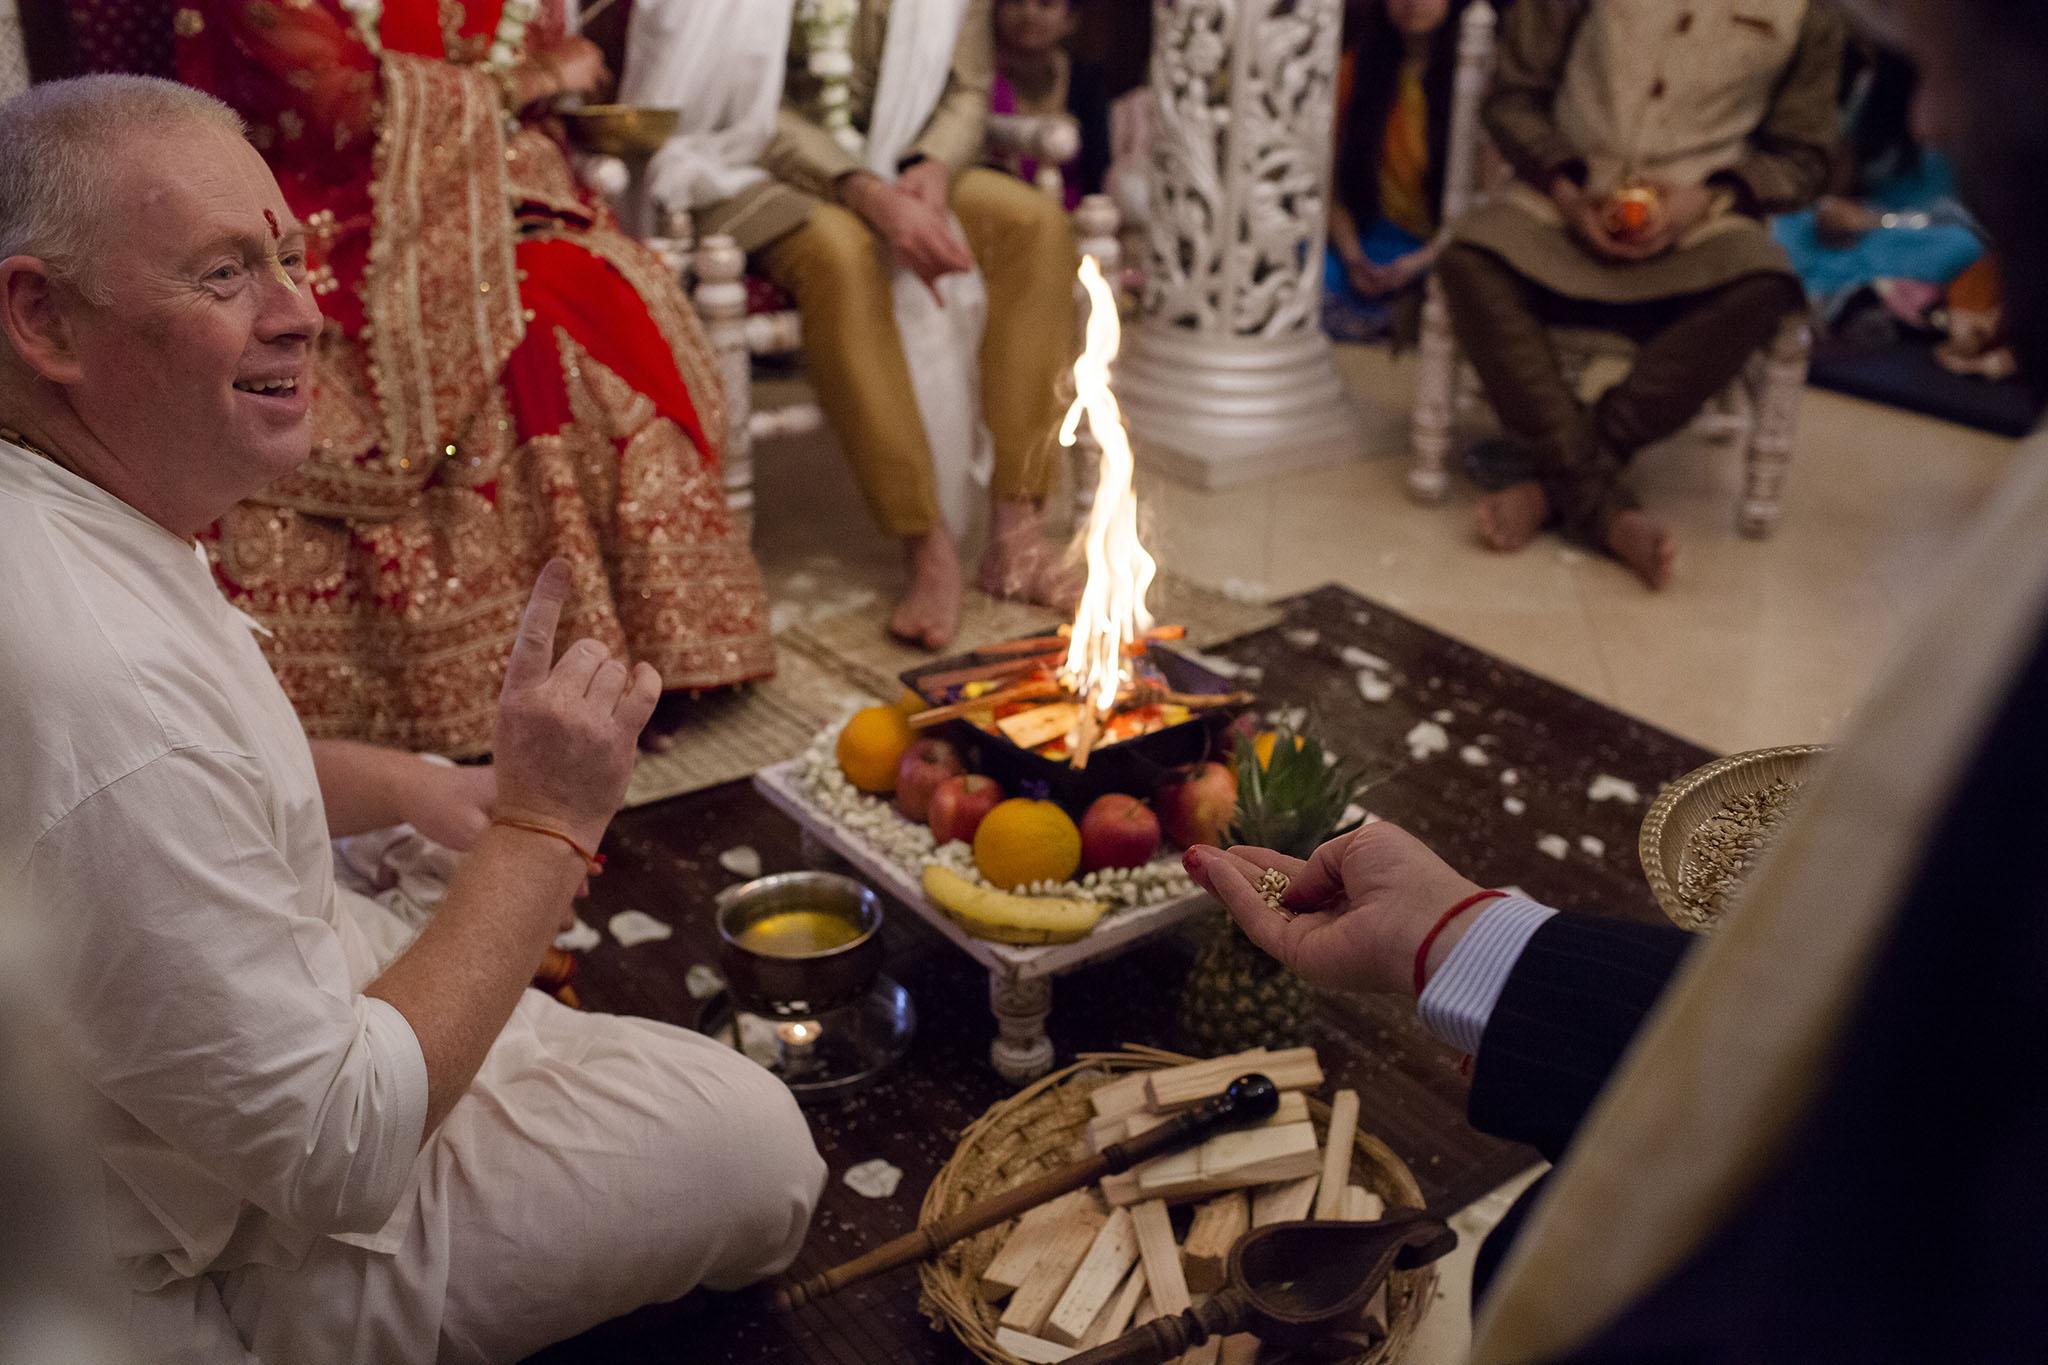 elizabethgphotography_kingslangley_hertfordshire_fineart_indian_wedding_photography_bhavesh_kundalata_bhaktivedanta_manor_watford_jpg38.jpg